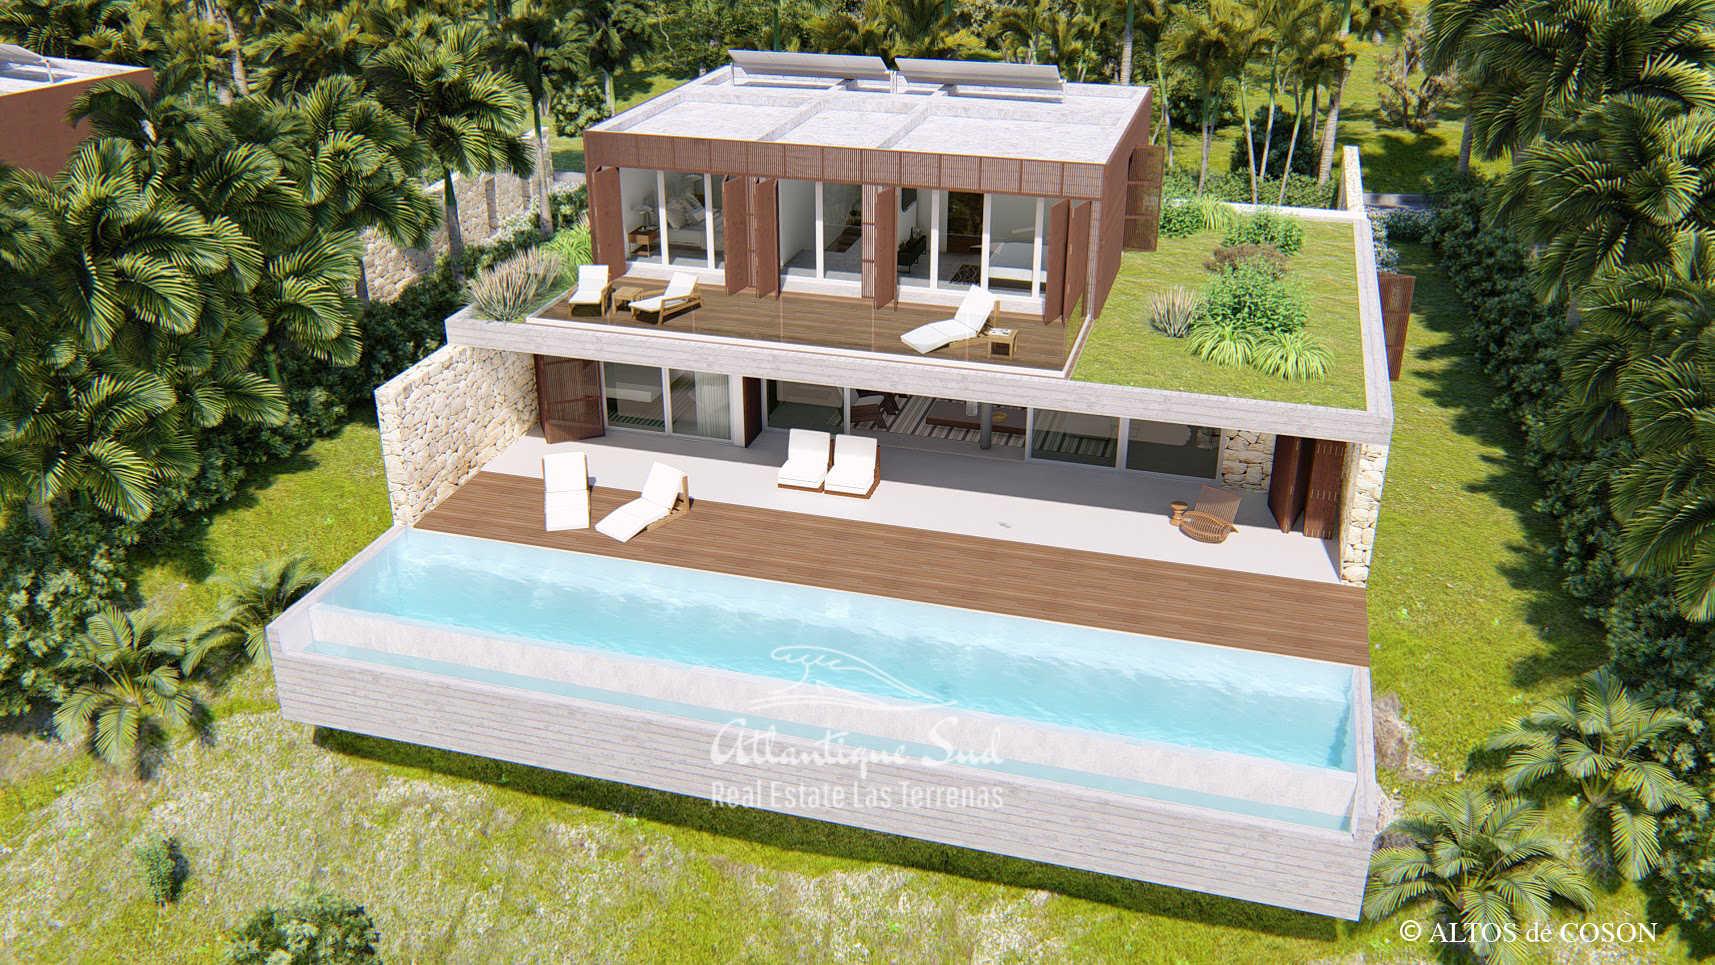 Lots with villas to build in Coson las terrenas6.jpg